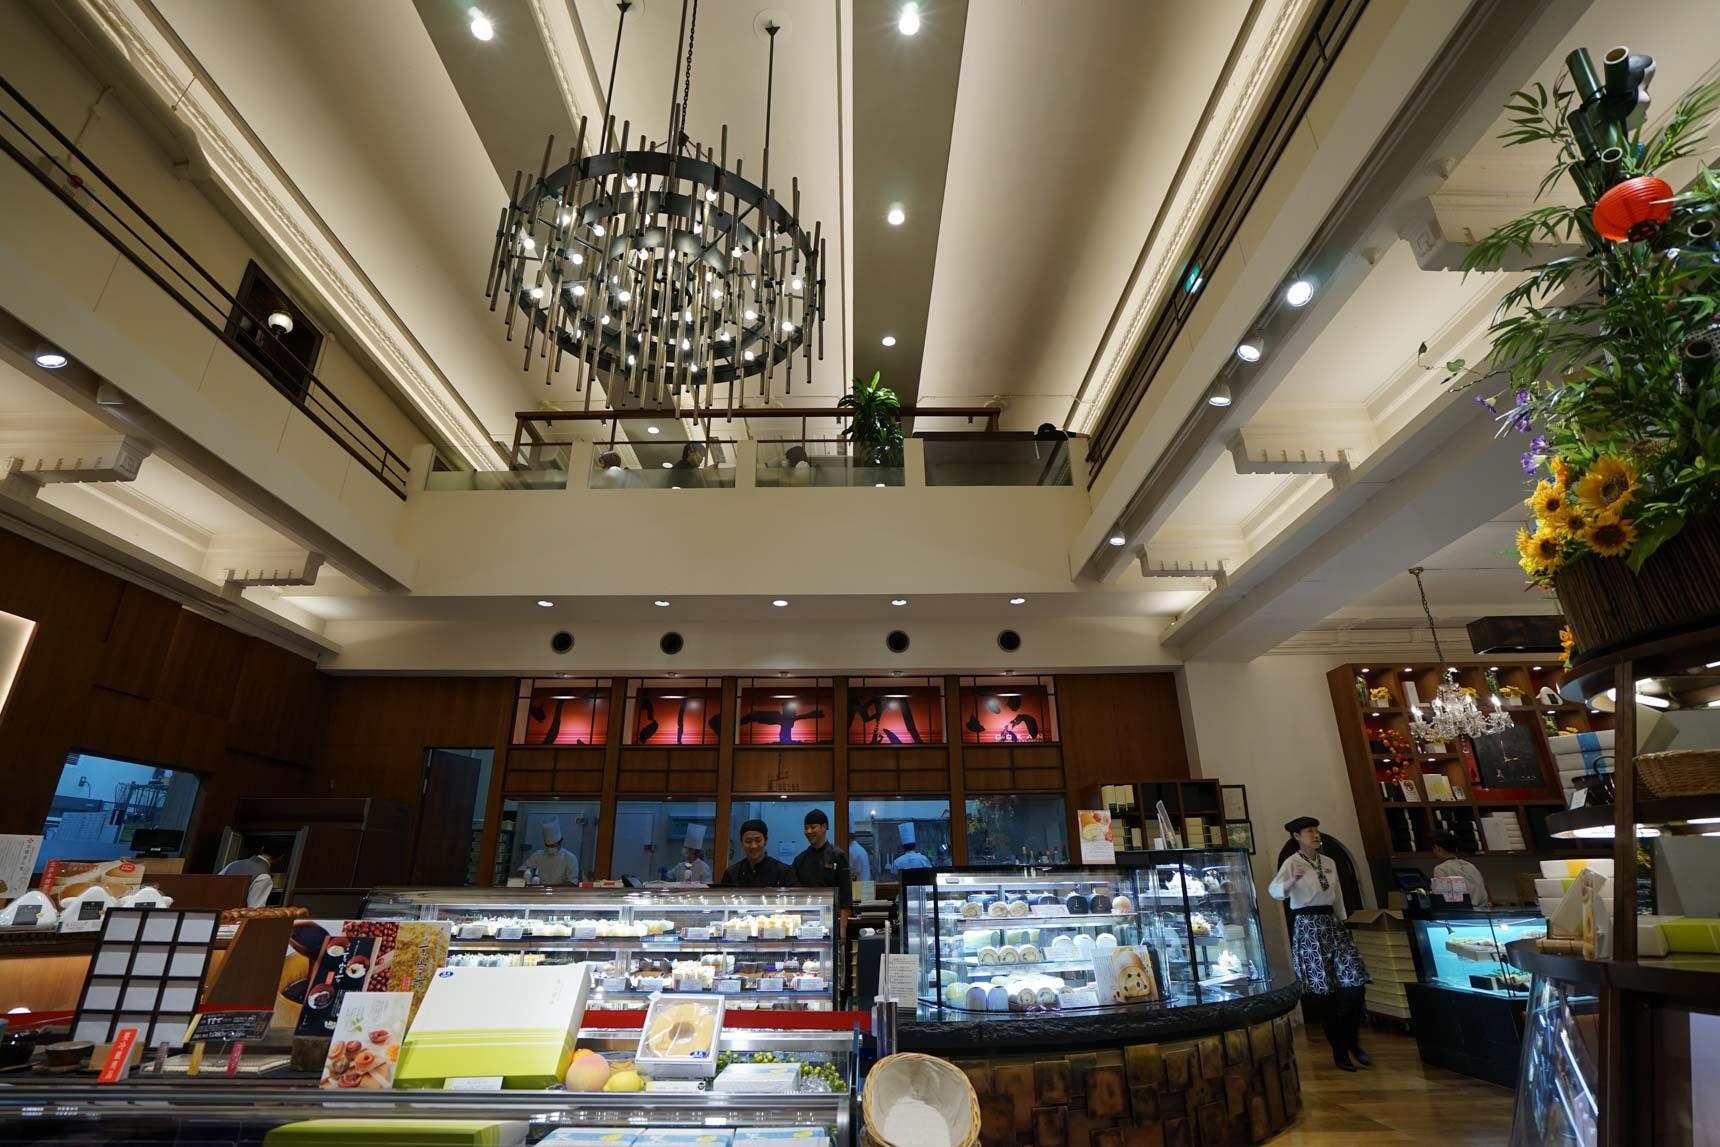 1階は、とても天井の高い、開放的な吹き抜けの空間に、テイクアウトのスイーツがずらりと並びます。